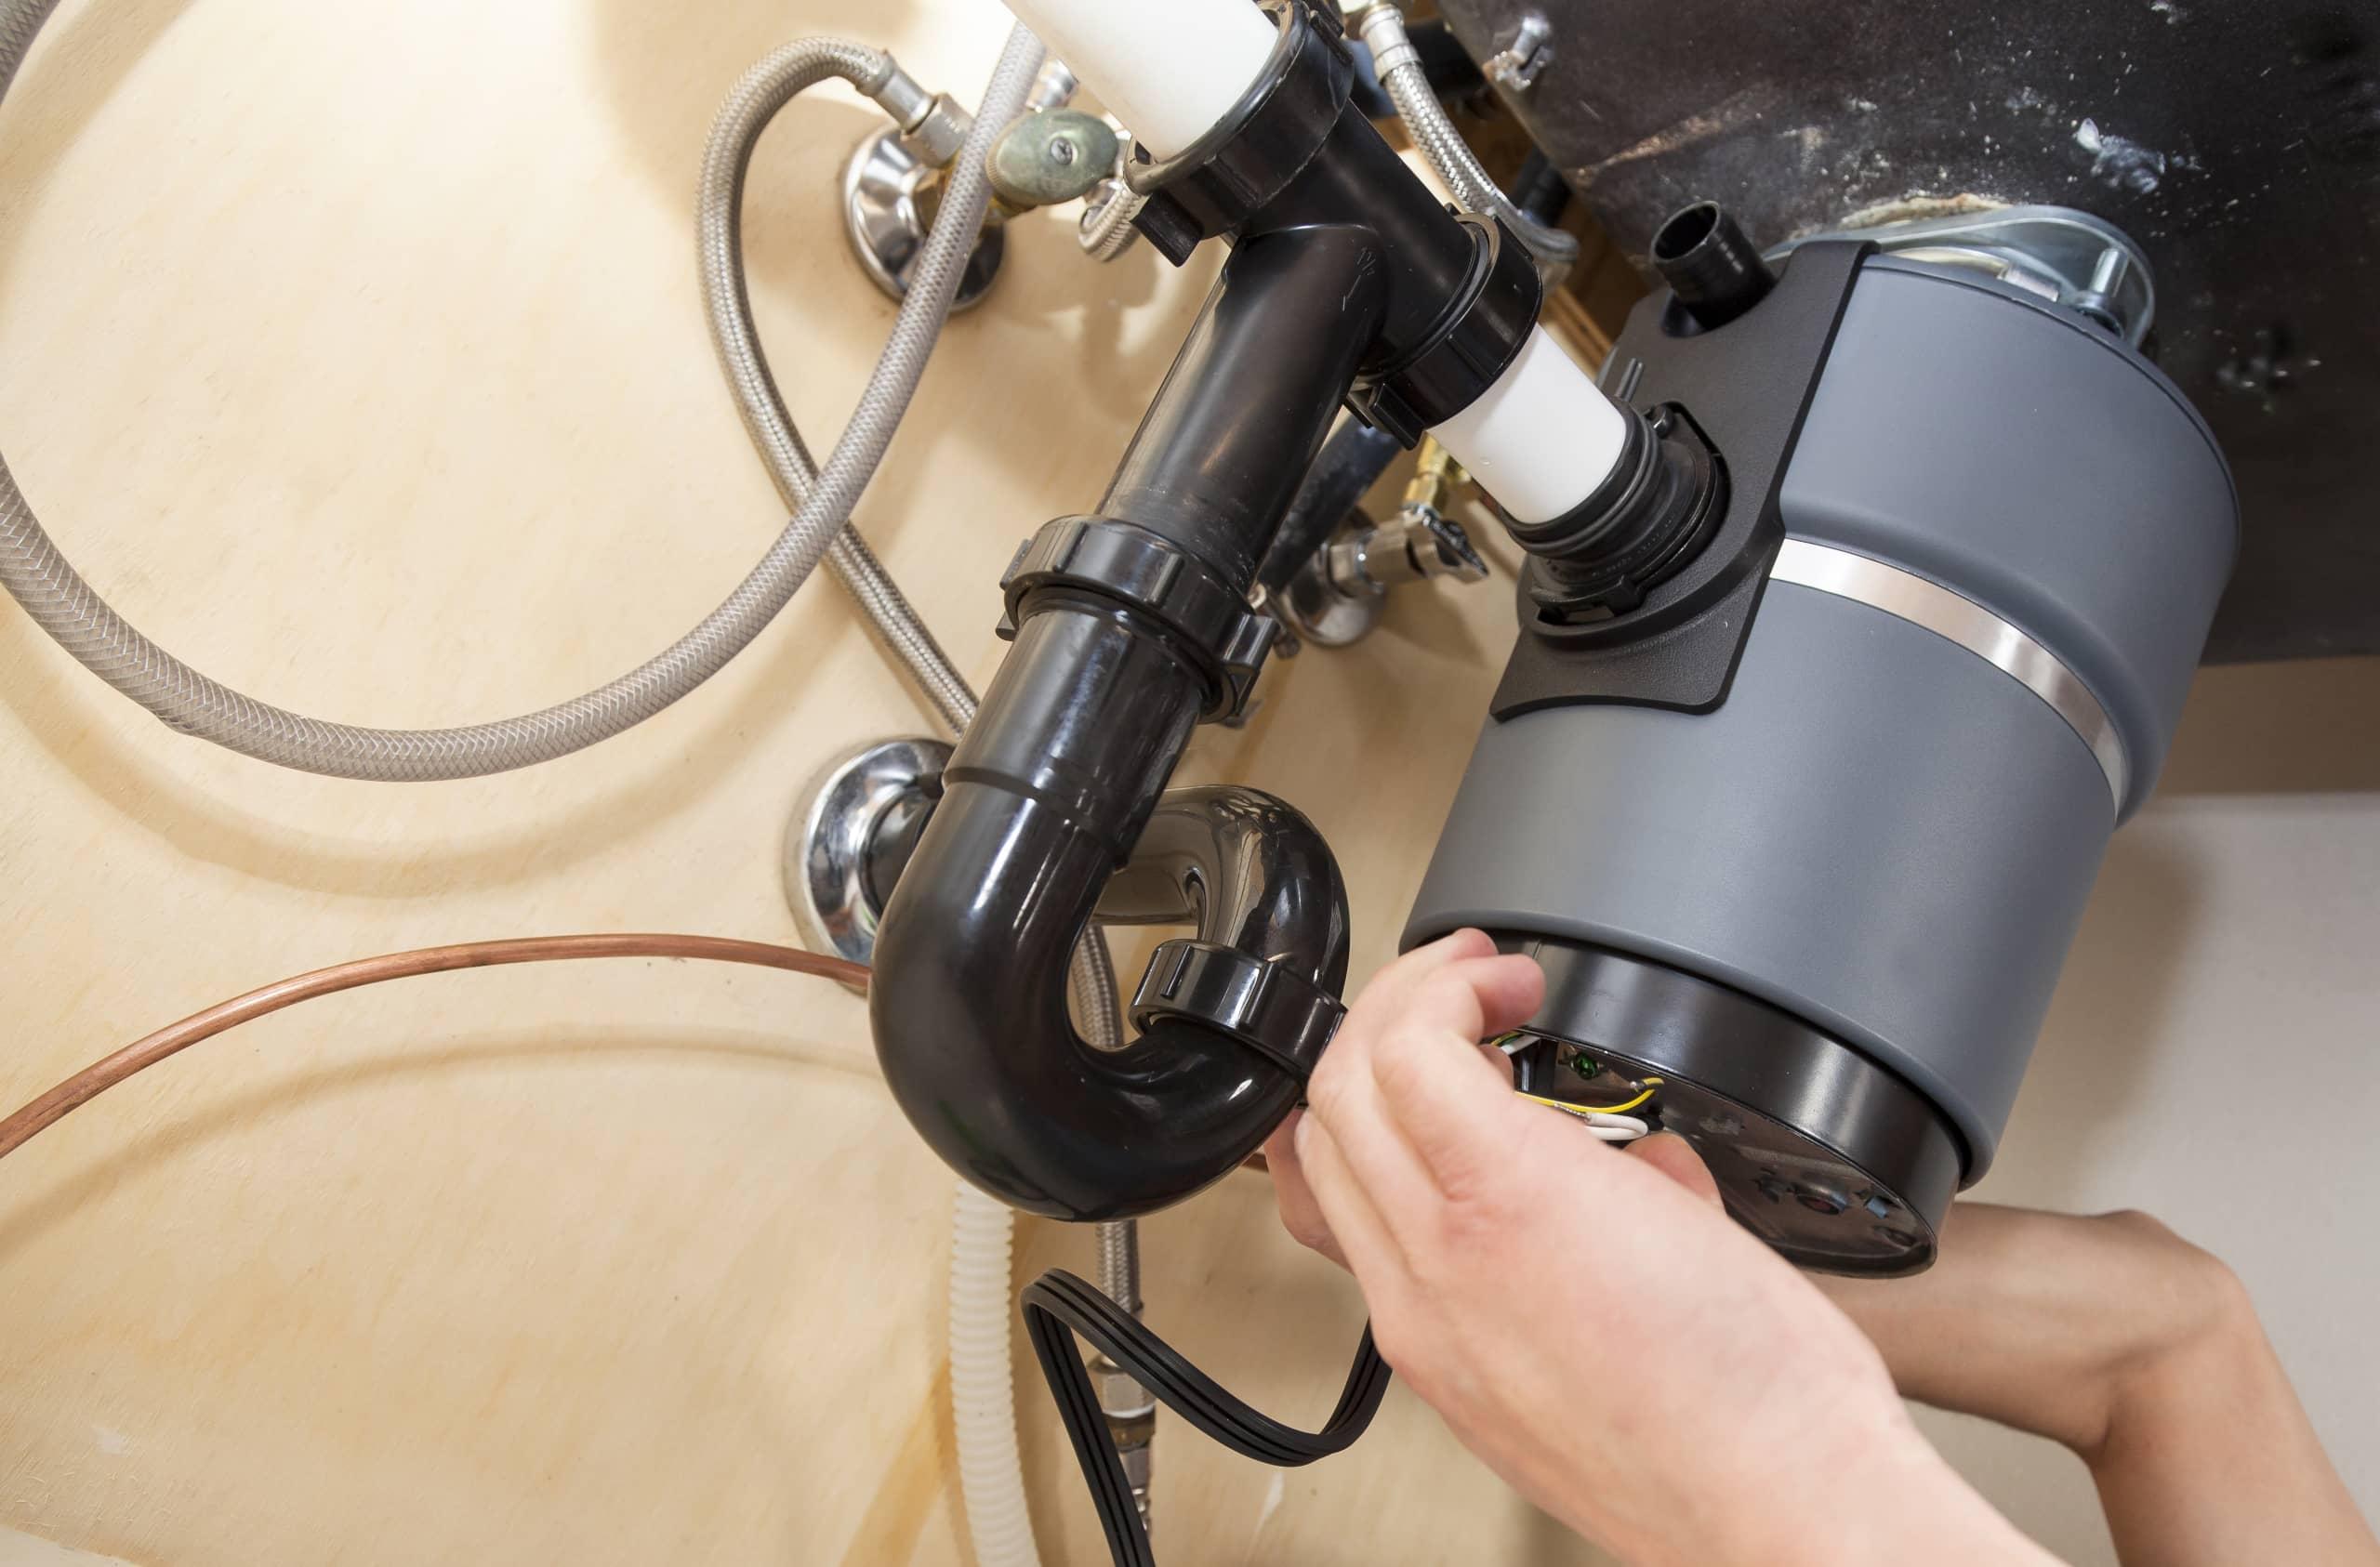 garbage disposal rapairs memphis choates hvac plumbing